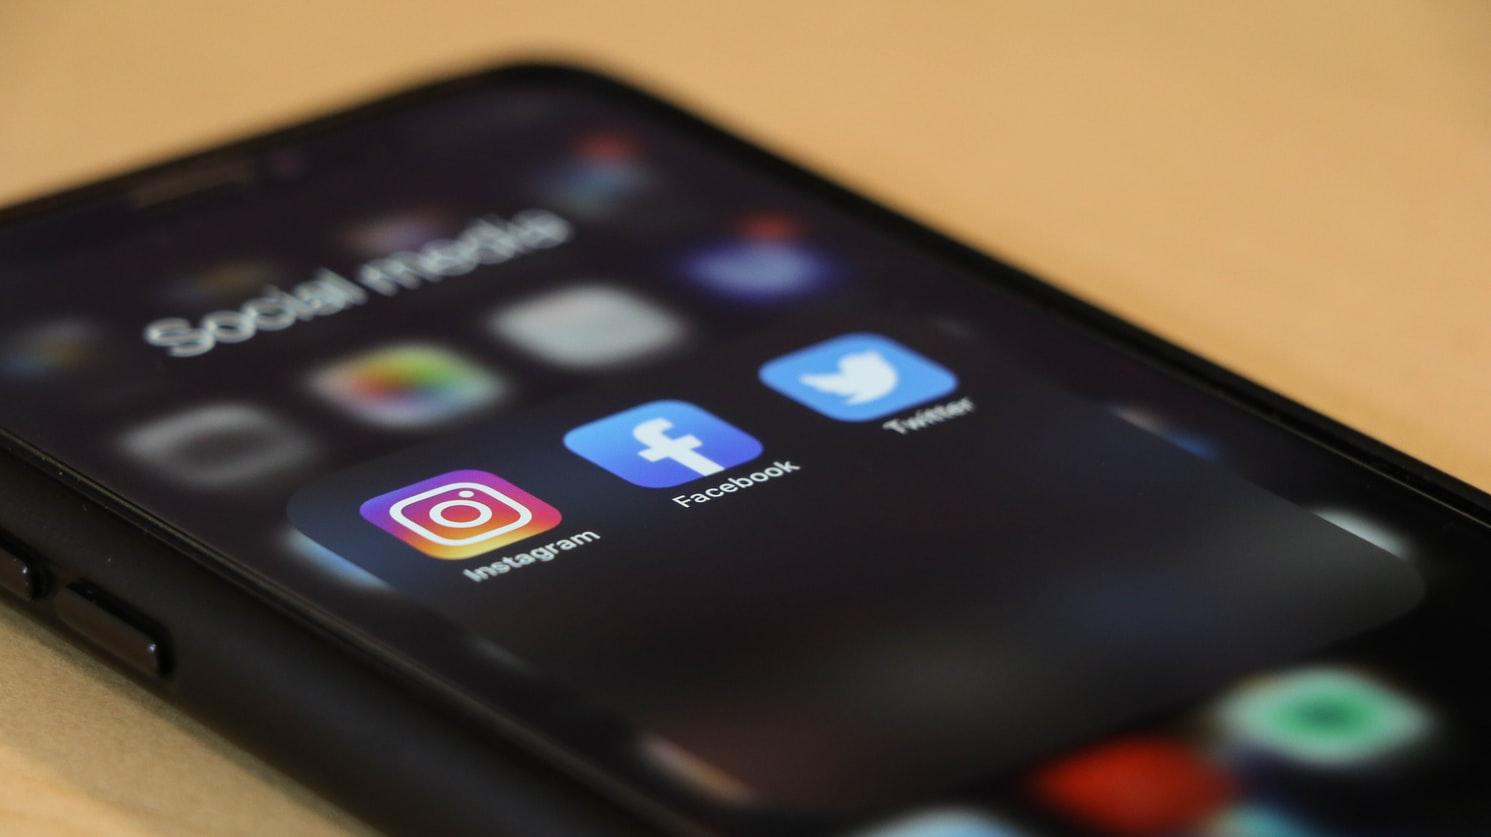 Celular com pasta de redes sociais, mostrando Facebook, Instagram e outras.